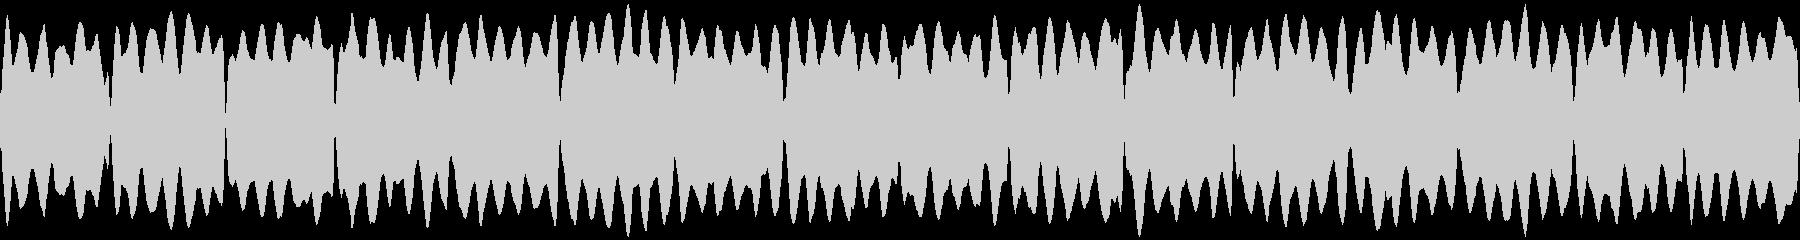 救急車サイレン(ピーポーピーポー)の未再生の波形